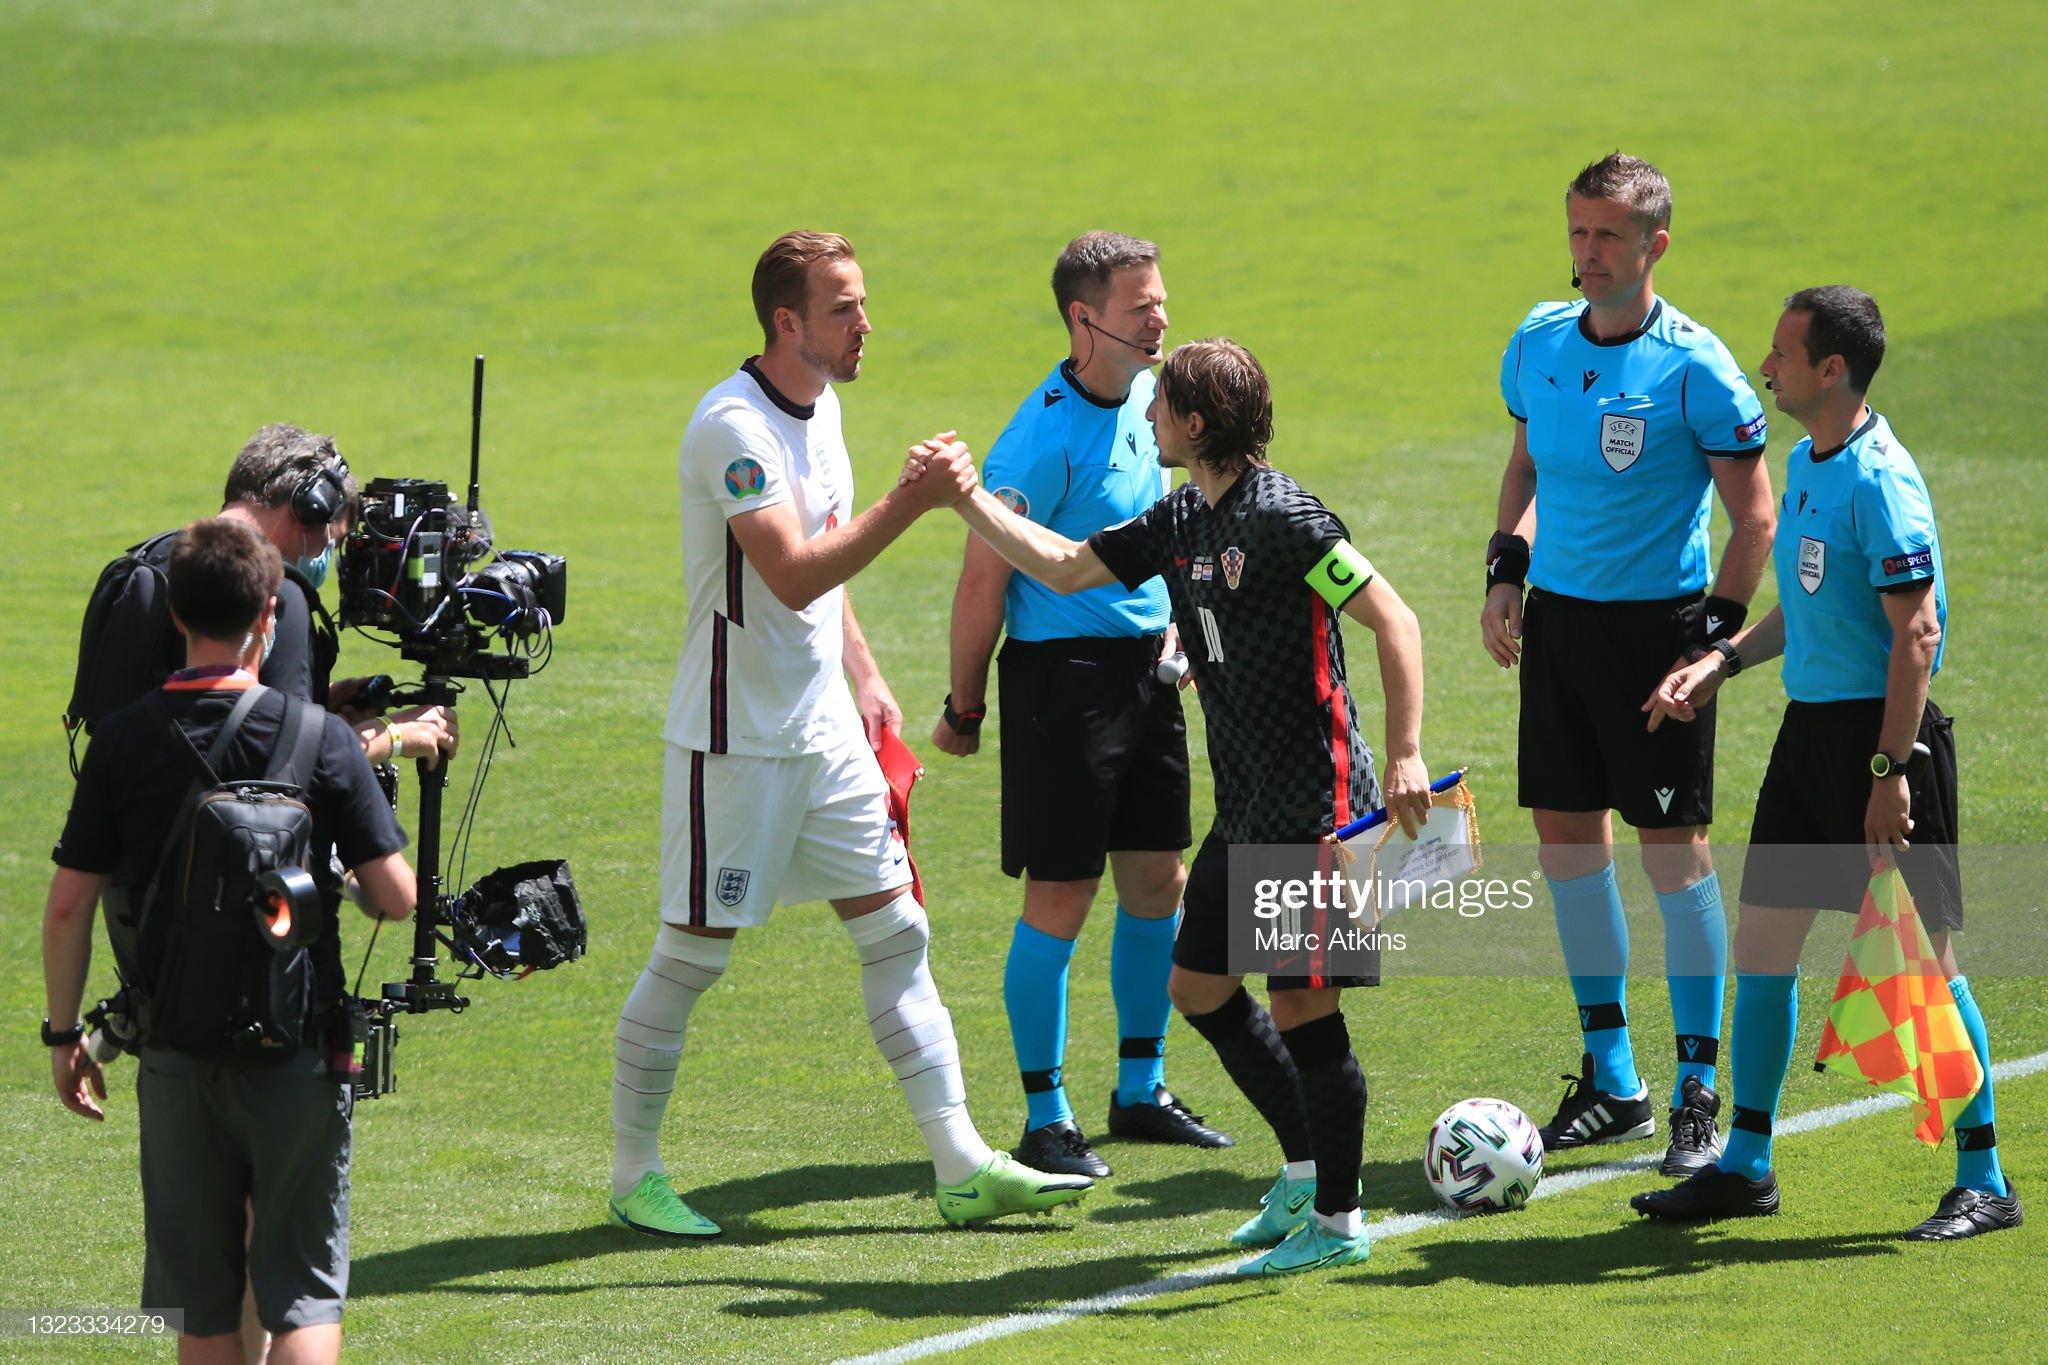 [TRỰC TIẾP Euro 2020] Anh vs Croatia: Tam sư ra sân với đội hình vô cùng khó hiểu - Ảnh 1.